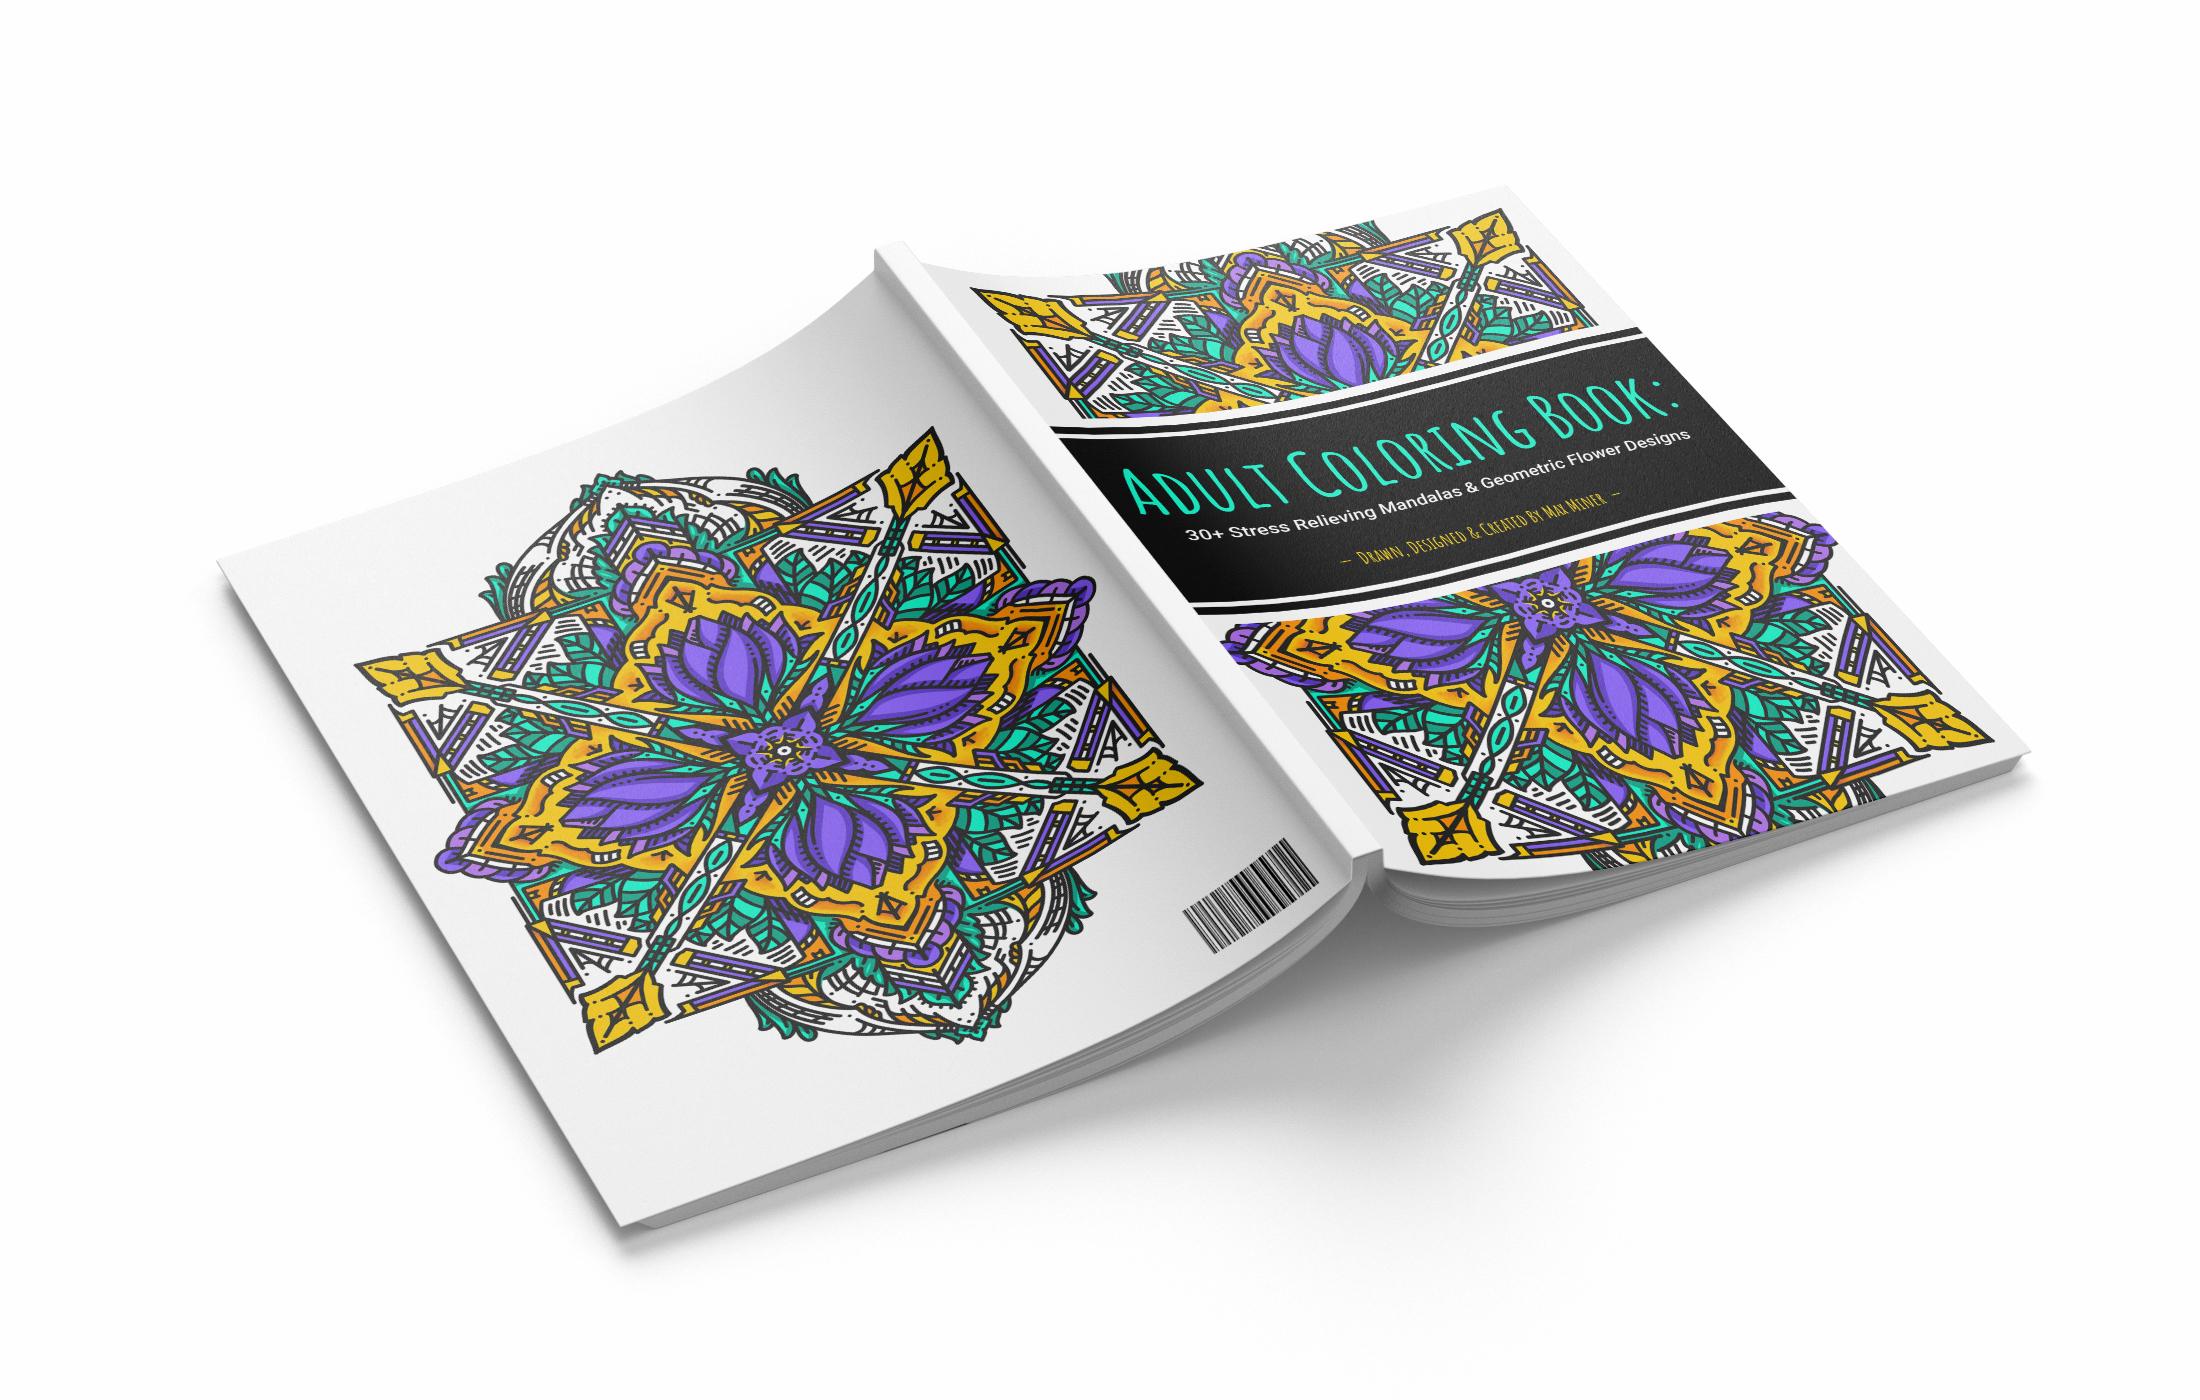 mx-coloringbook-v1-showcase-frontback.jpg